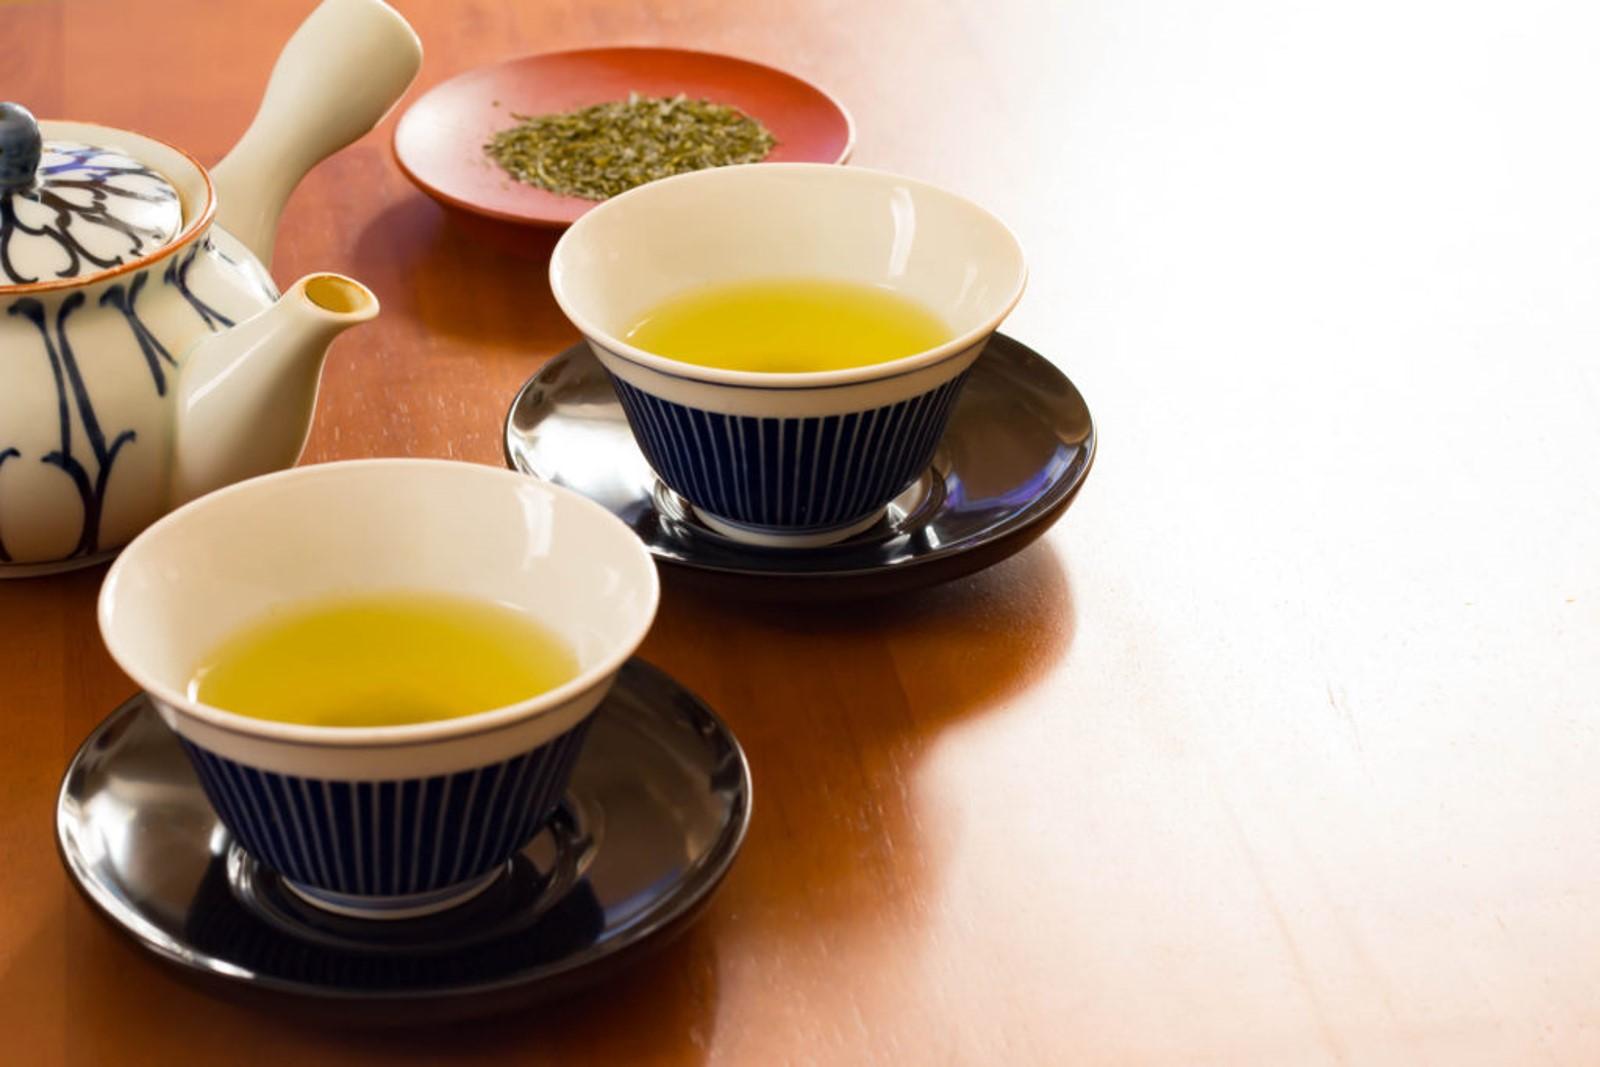 【もぐもぐ】お茶って家で作れるんですか?